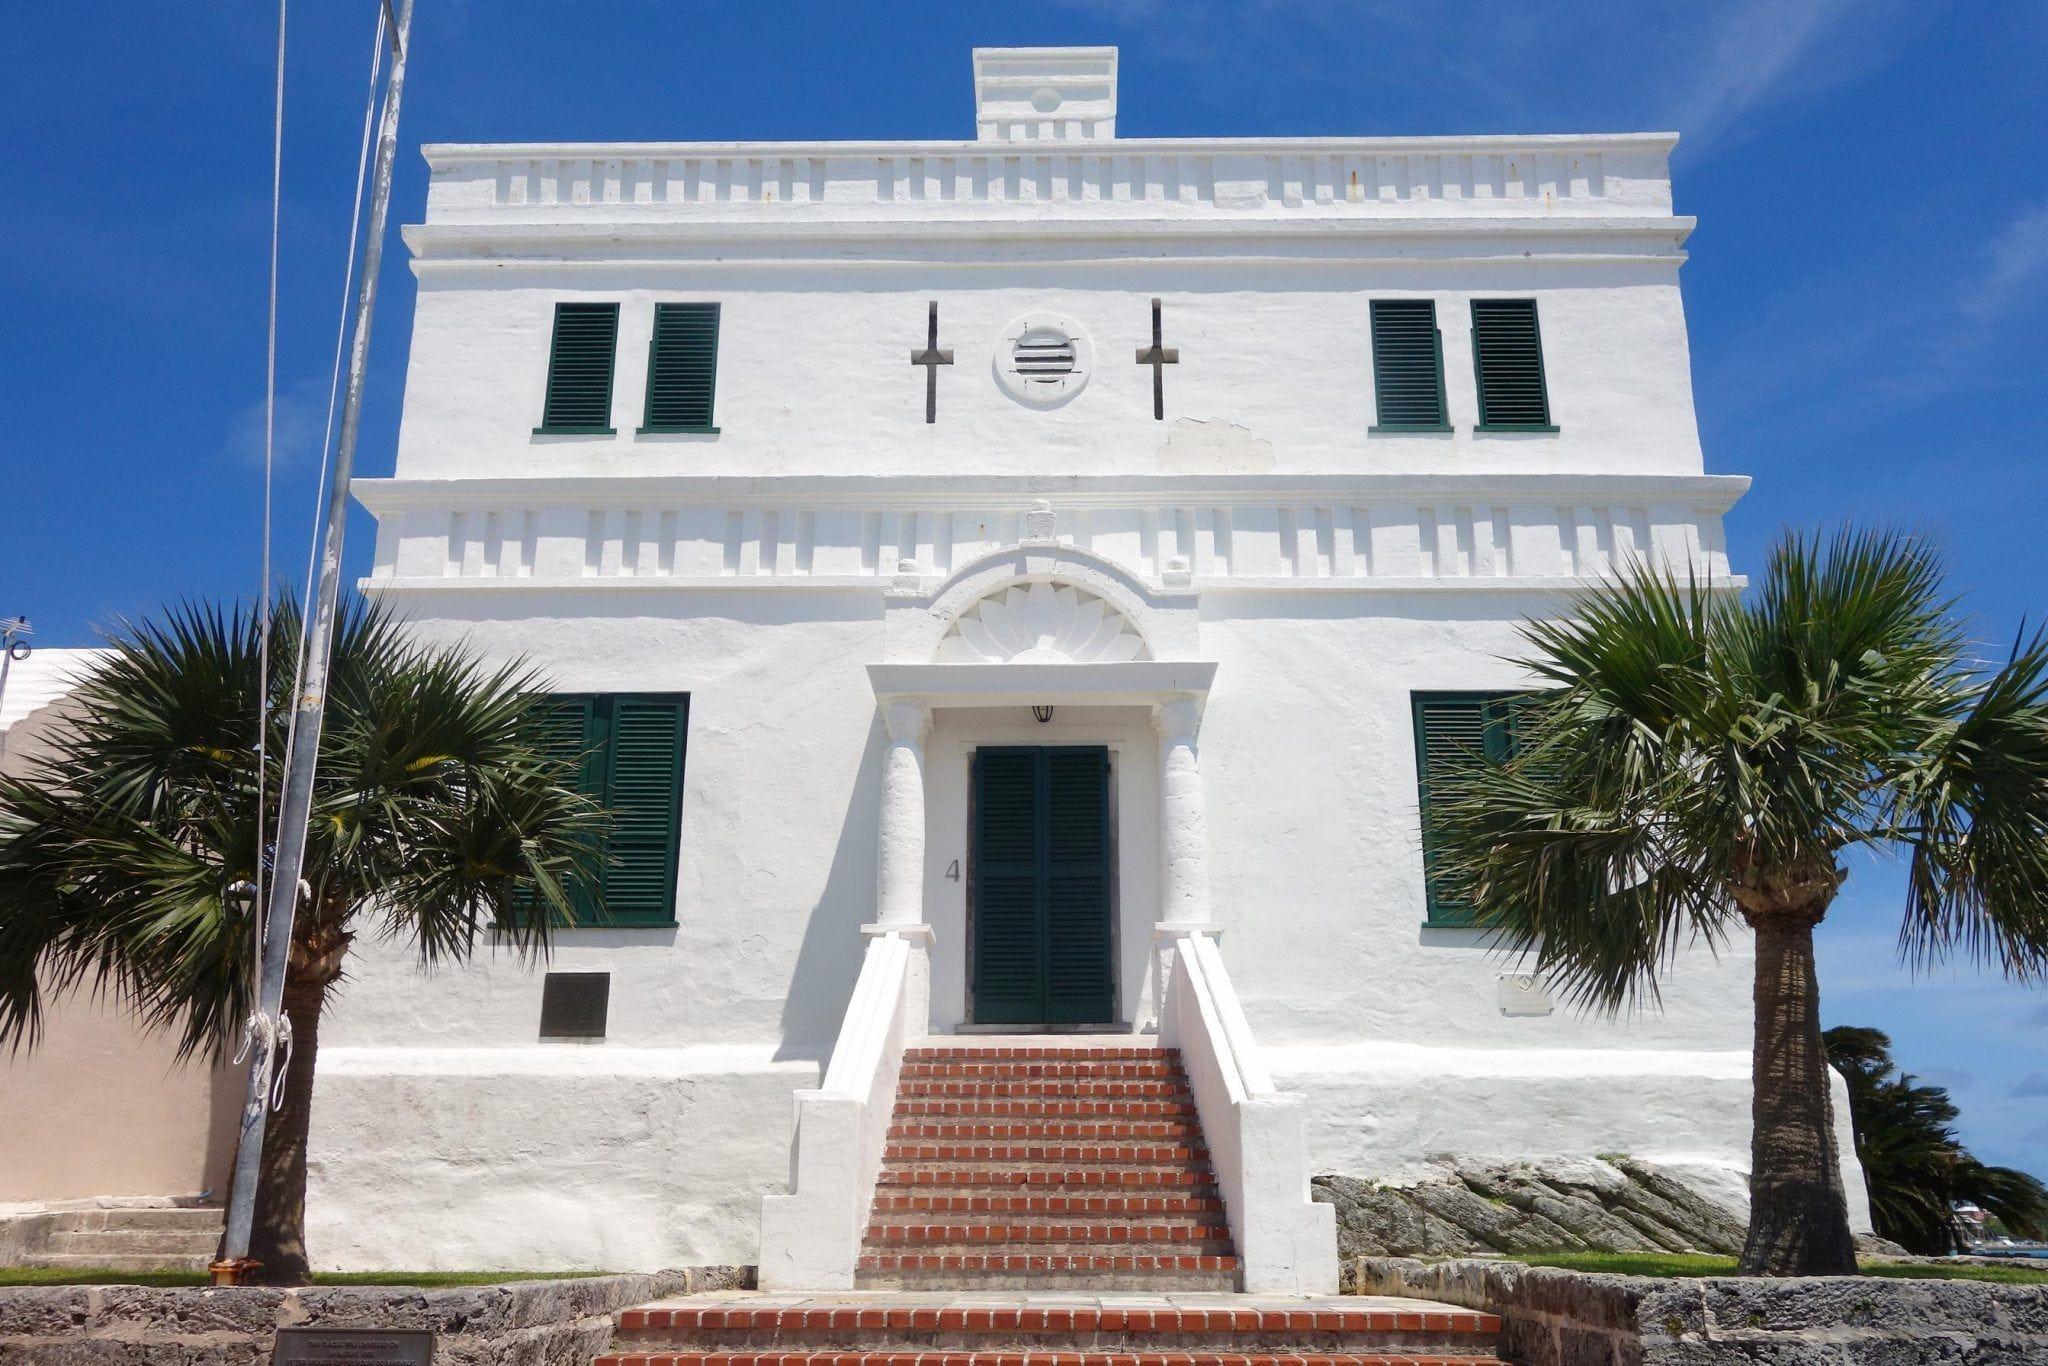 St. George's Bermuda Walking Tour